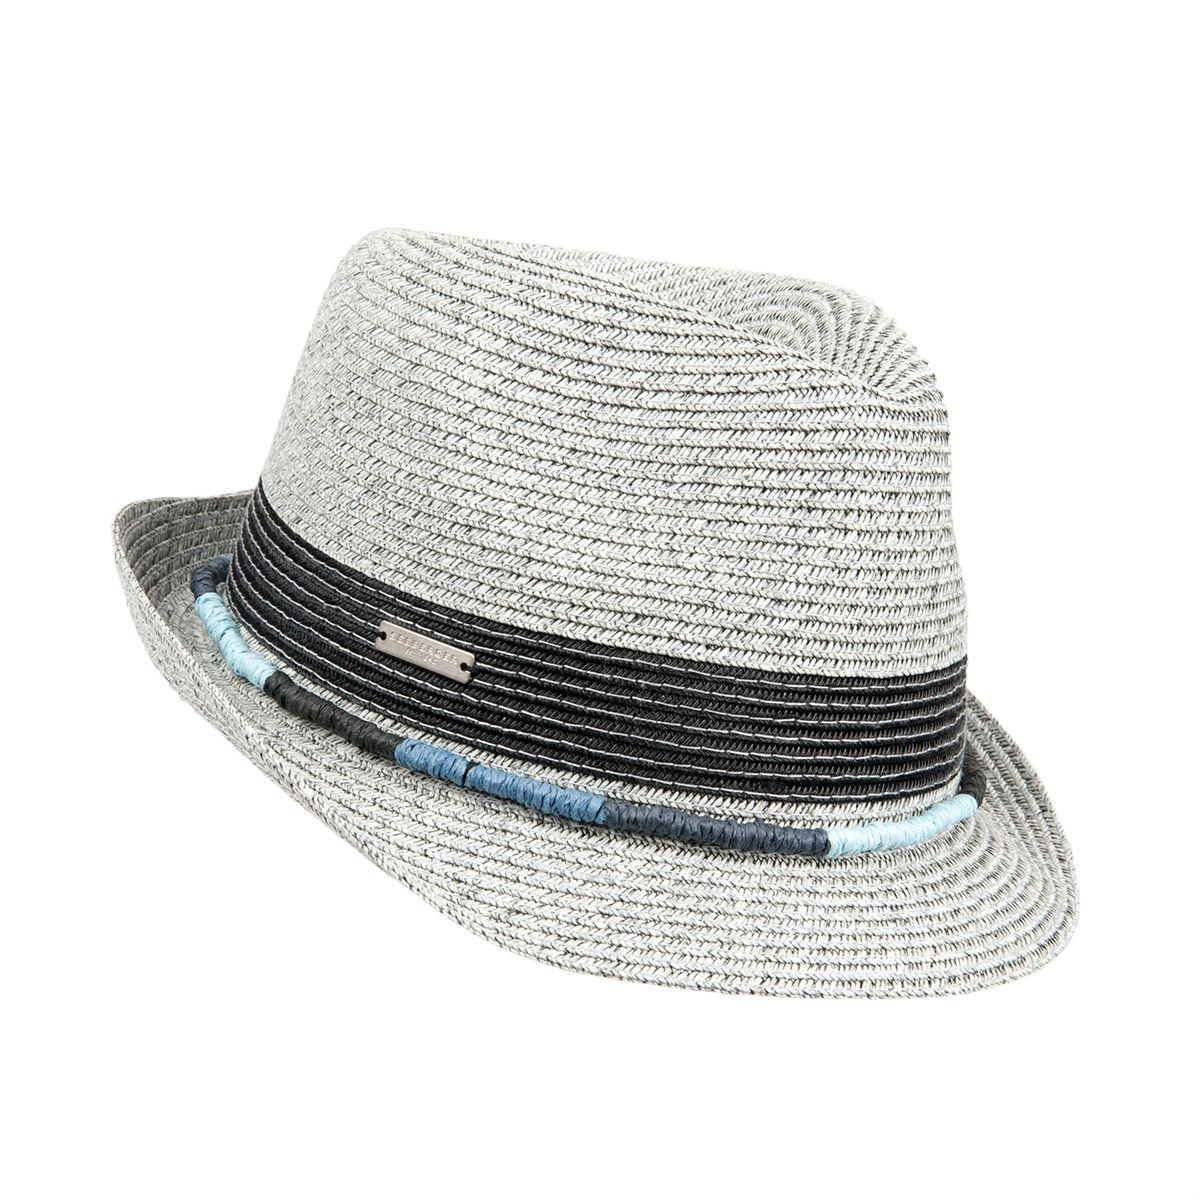 la migliore vendita colori delicati nuovo di zecca SEEBERGER | cappello Trilby shiny inserts, EUR 35,99 ...